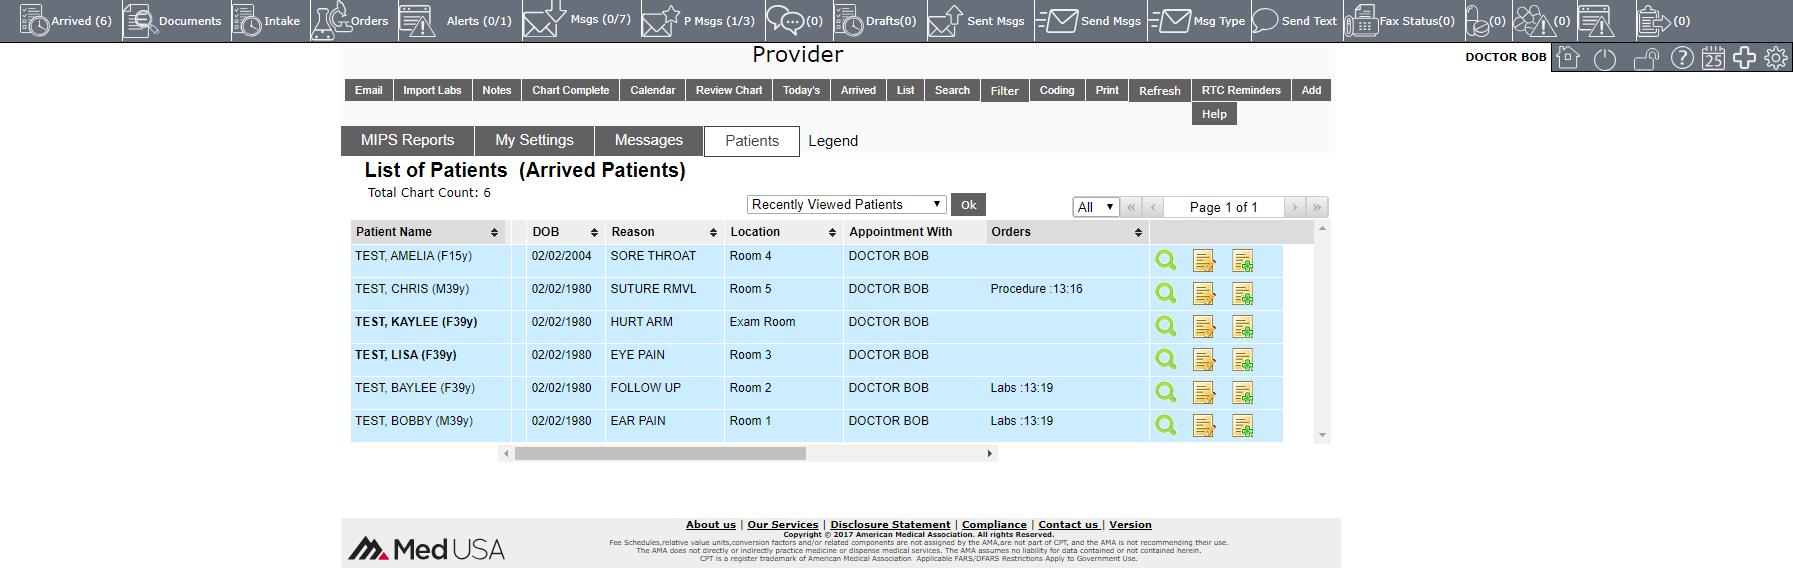 Patient Tracker Board